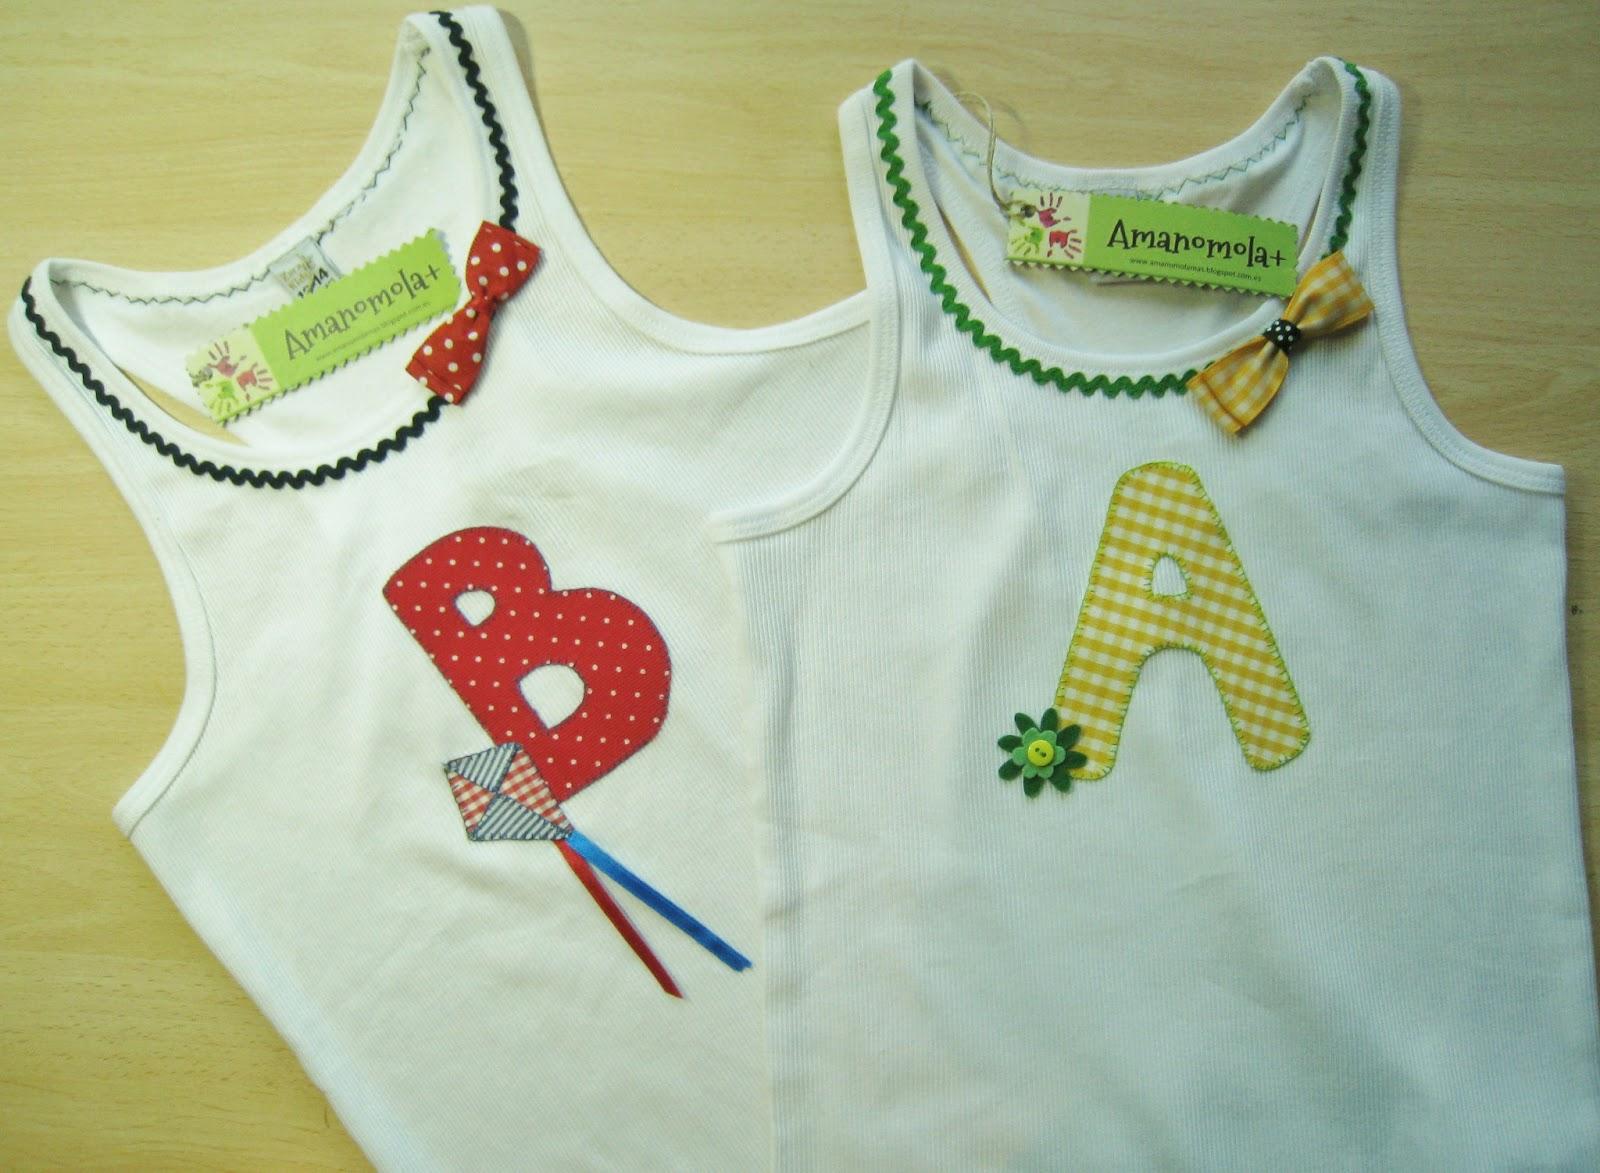 Amanomola letras y lazos ii for Aplicaciones decoradas